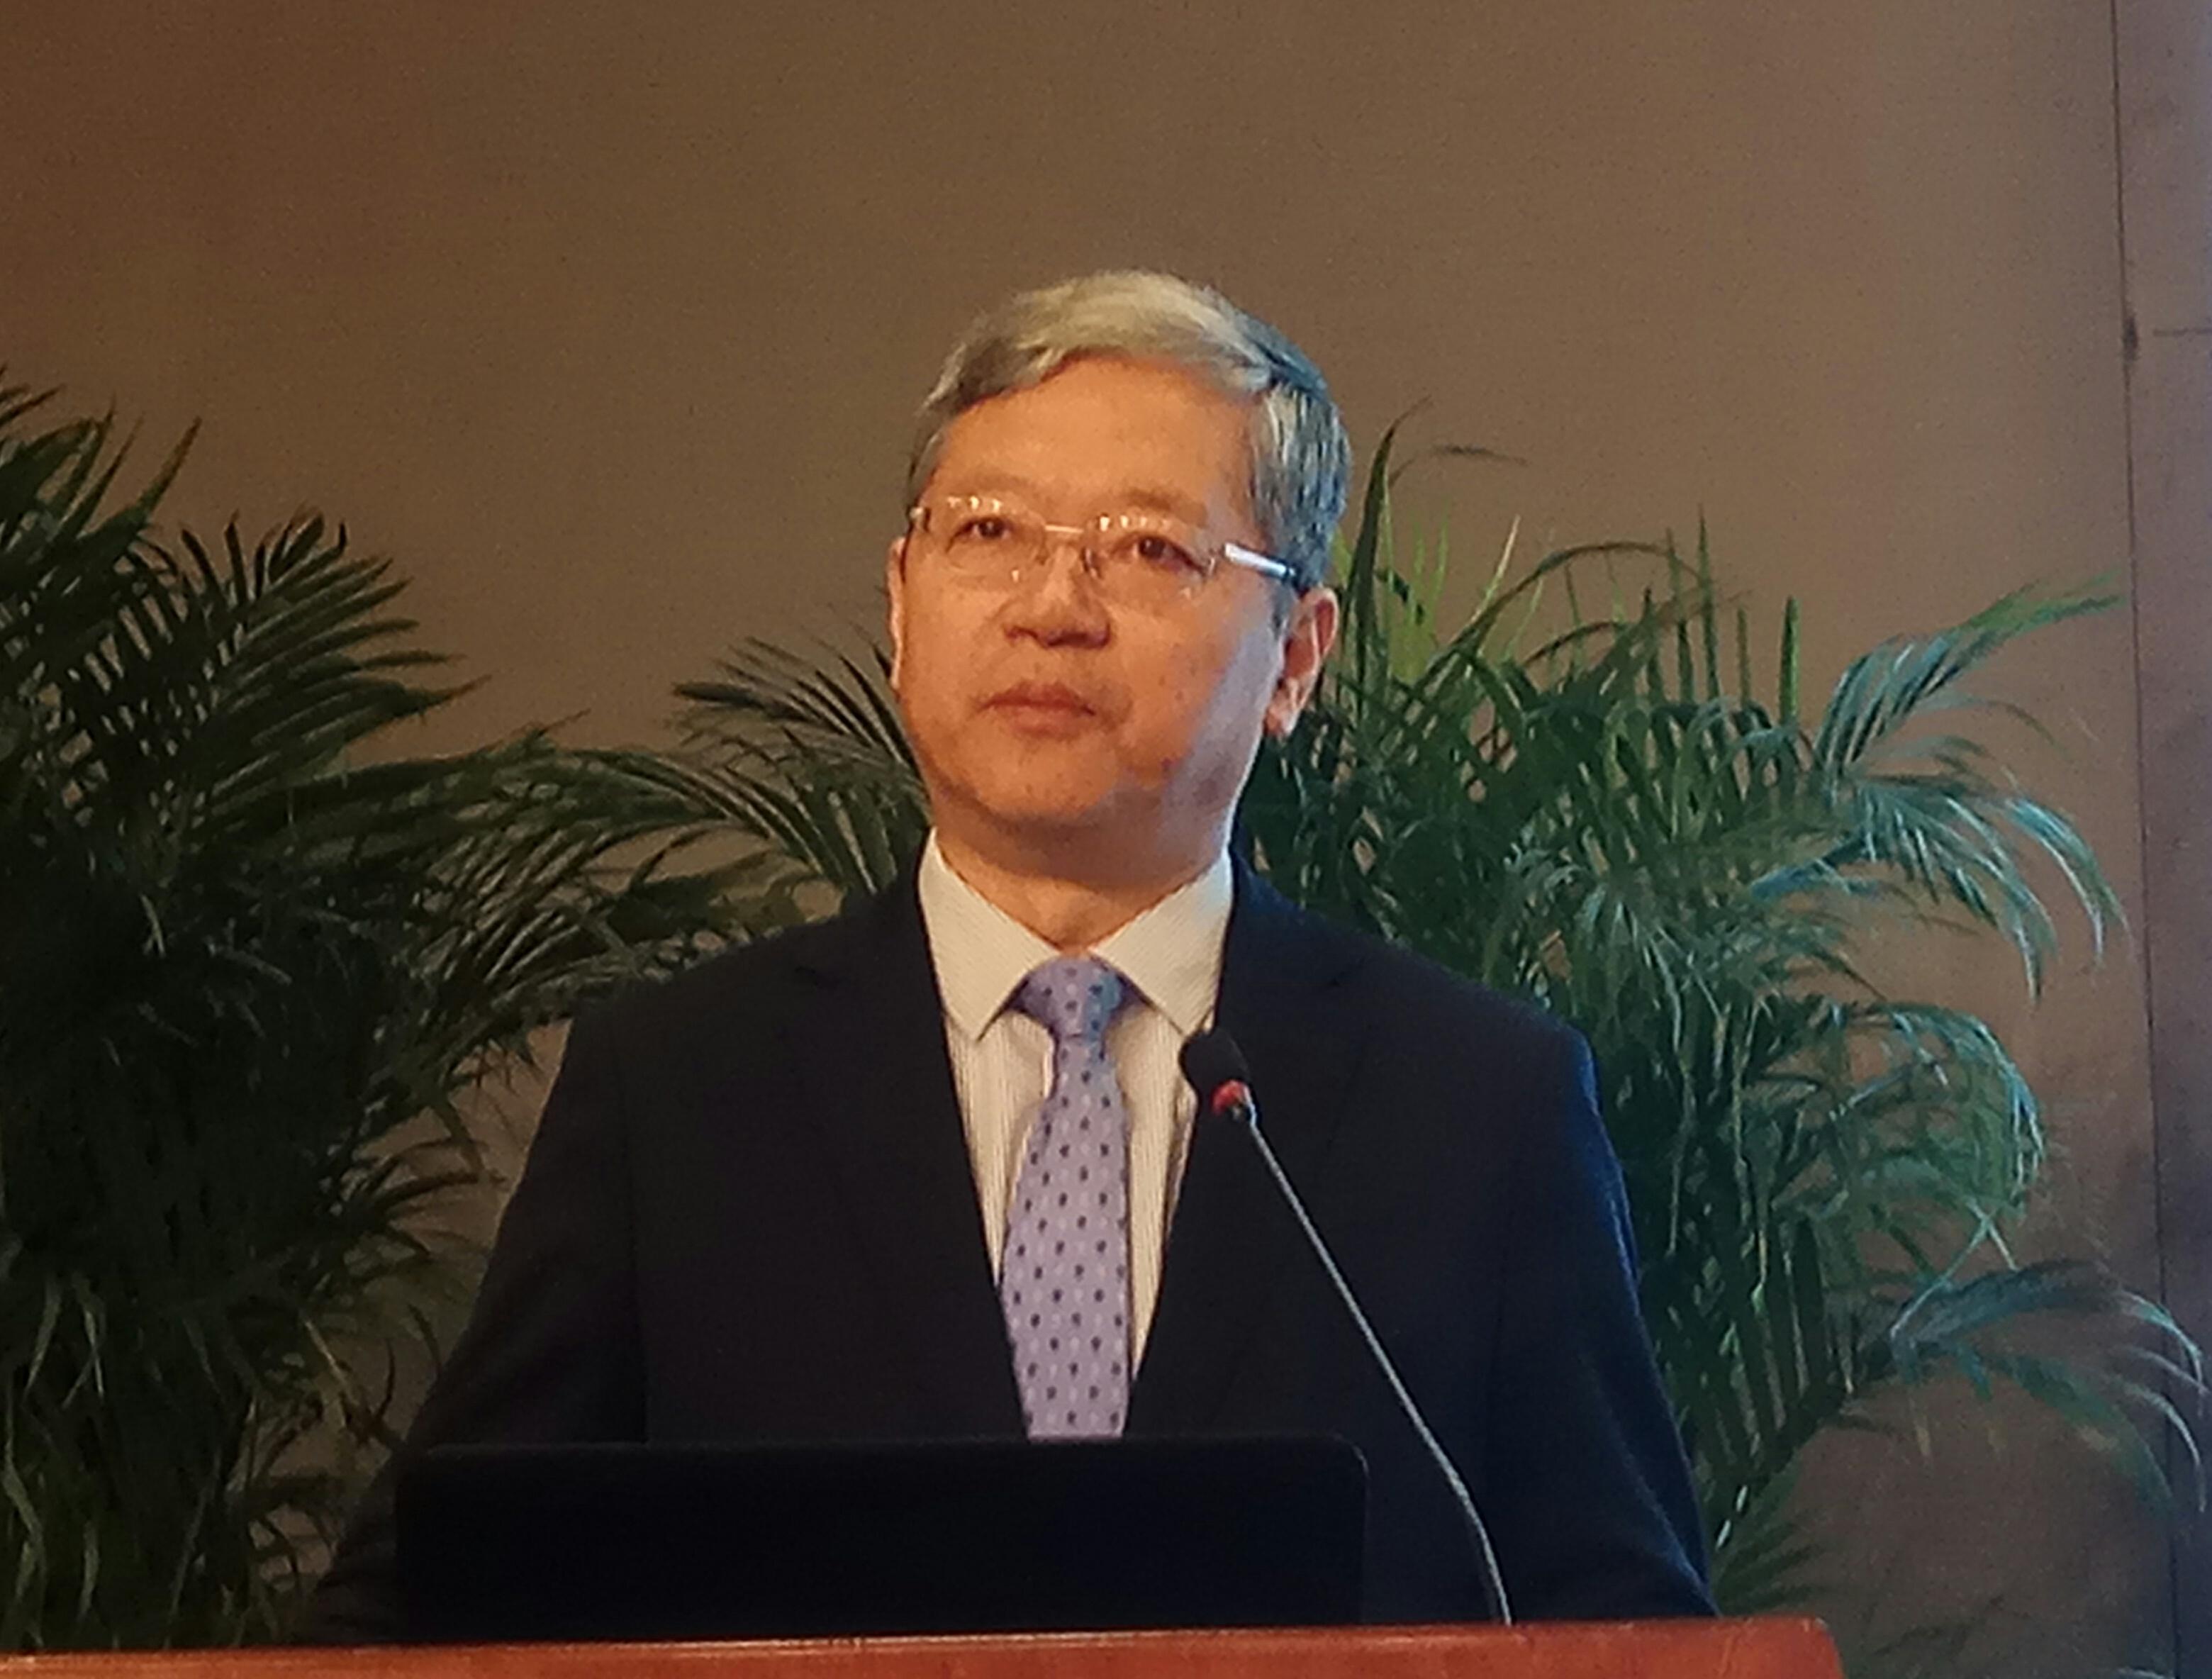 7.中国纺织工业联合会副会长夏令敏